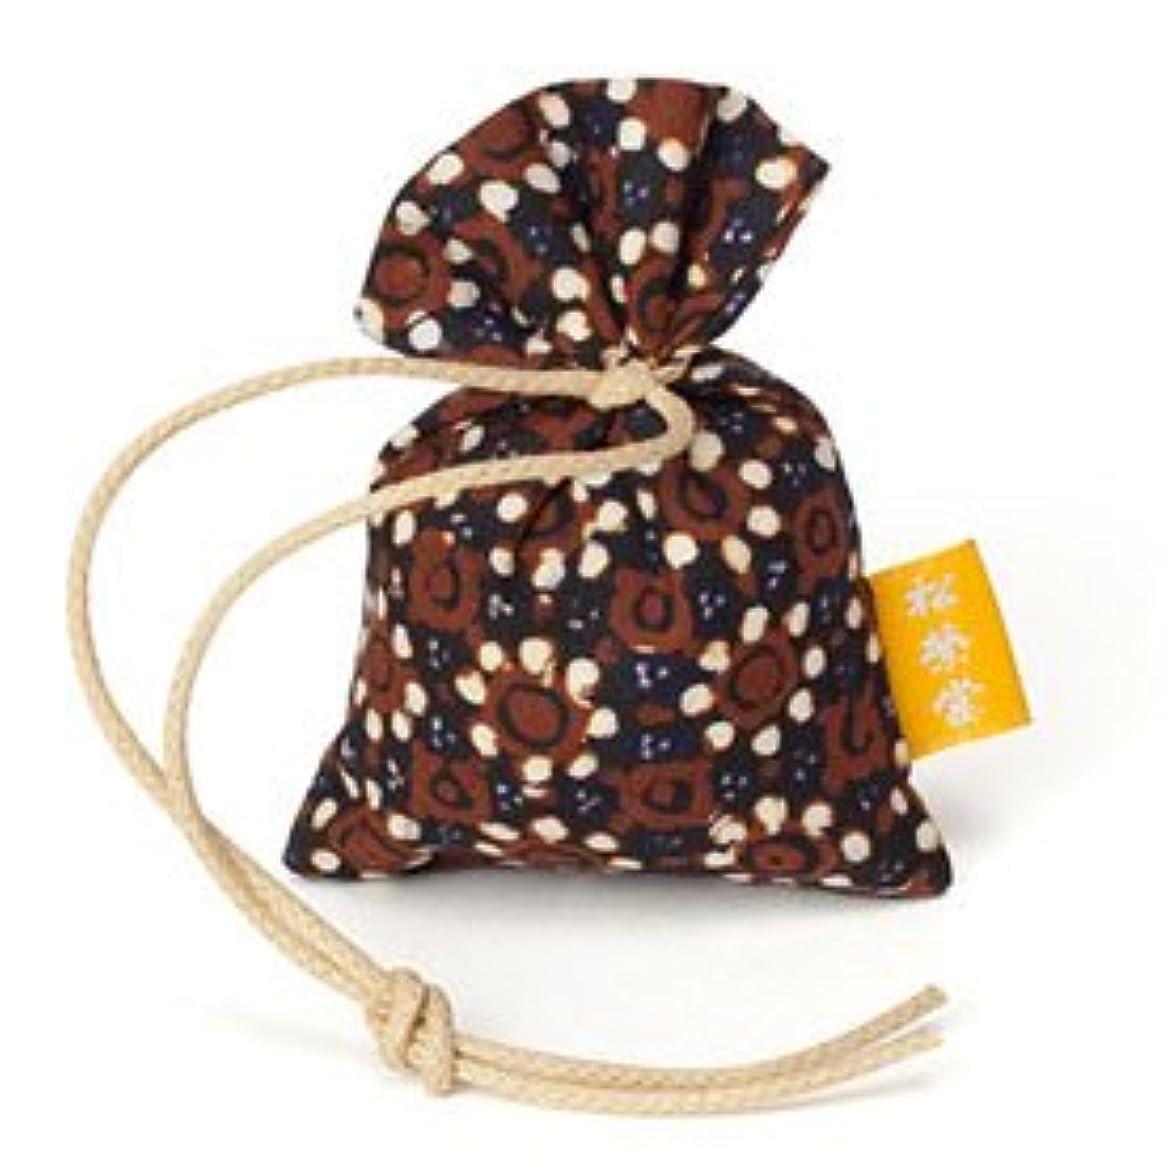 合計フェロー諸島同等の匂い袋 誰が袖 渡 バティック わたる 1個入 松栄堂 Shoyeido 本体長さ60mm